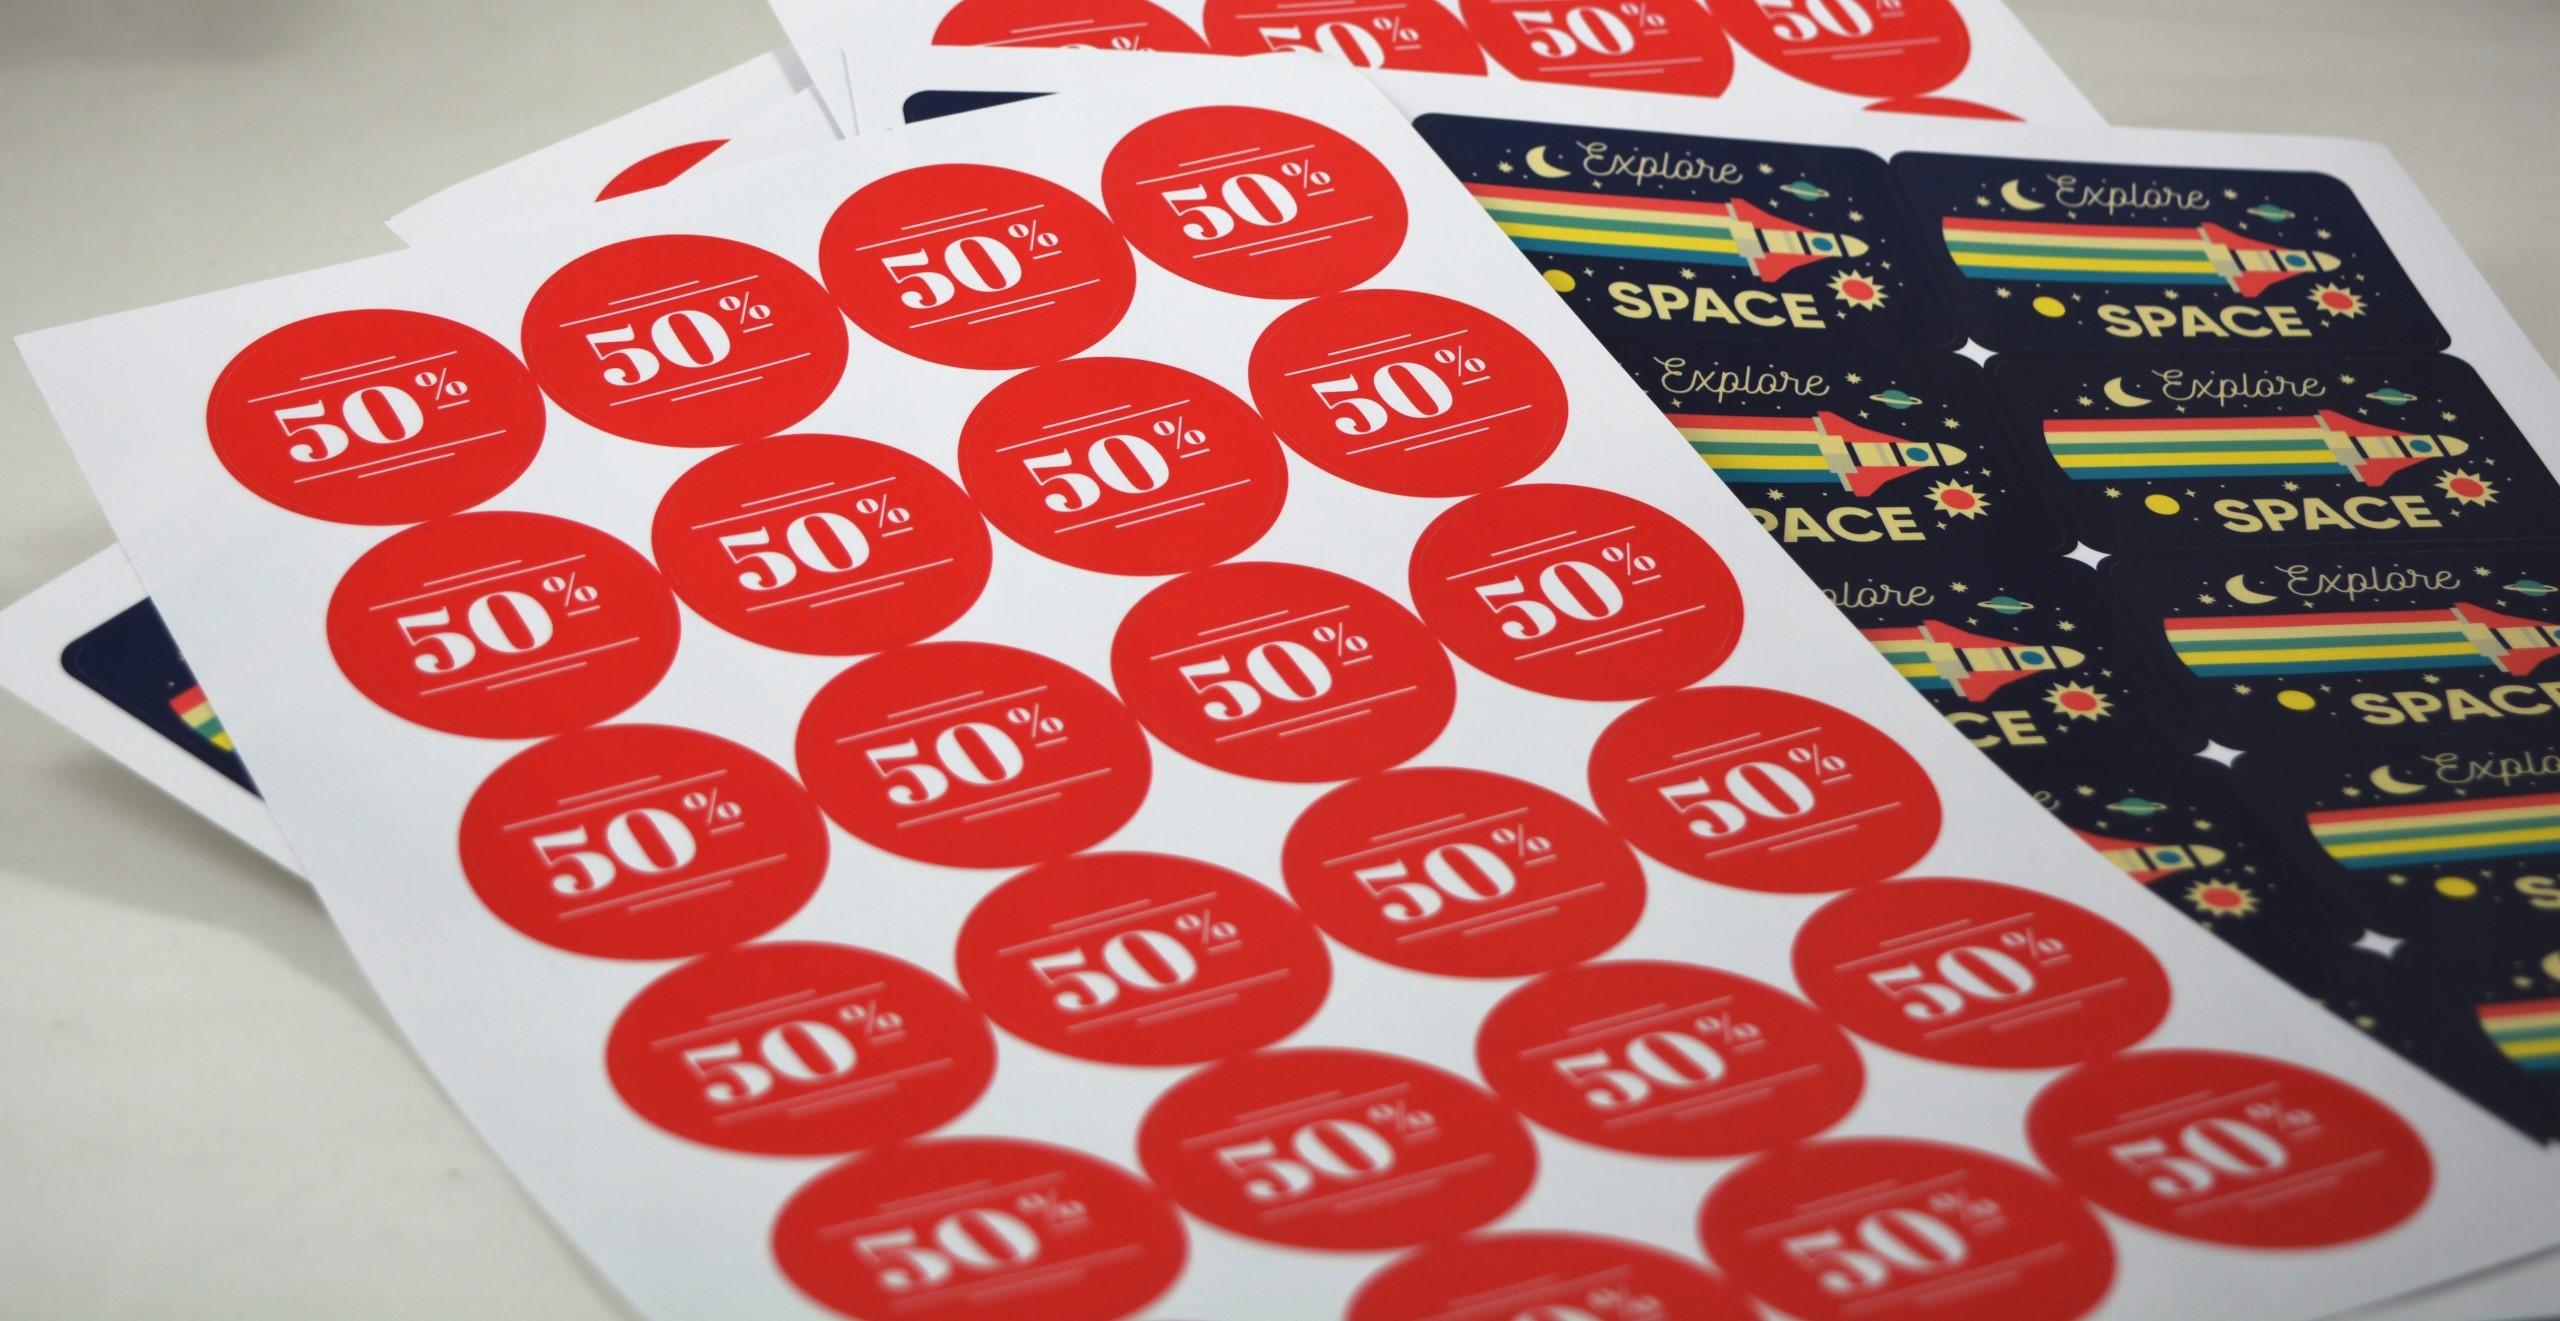 Печать наклеек на бумаге в Москве | фото 3